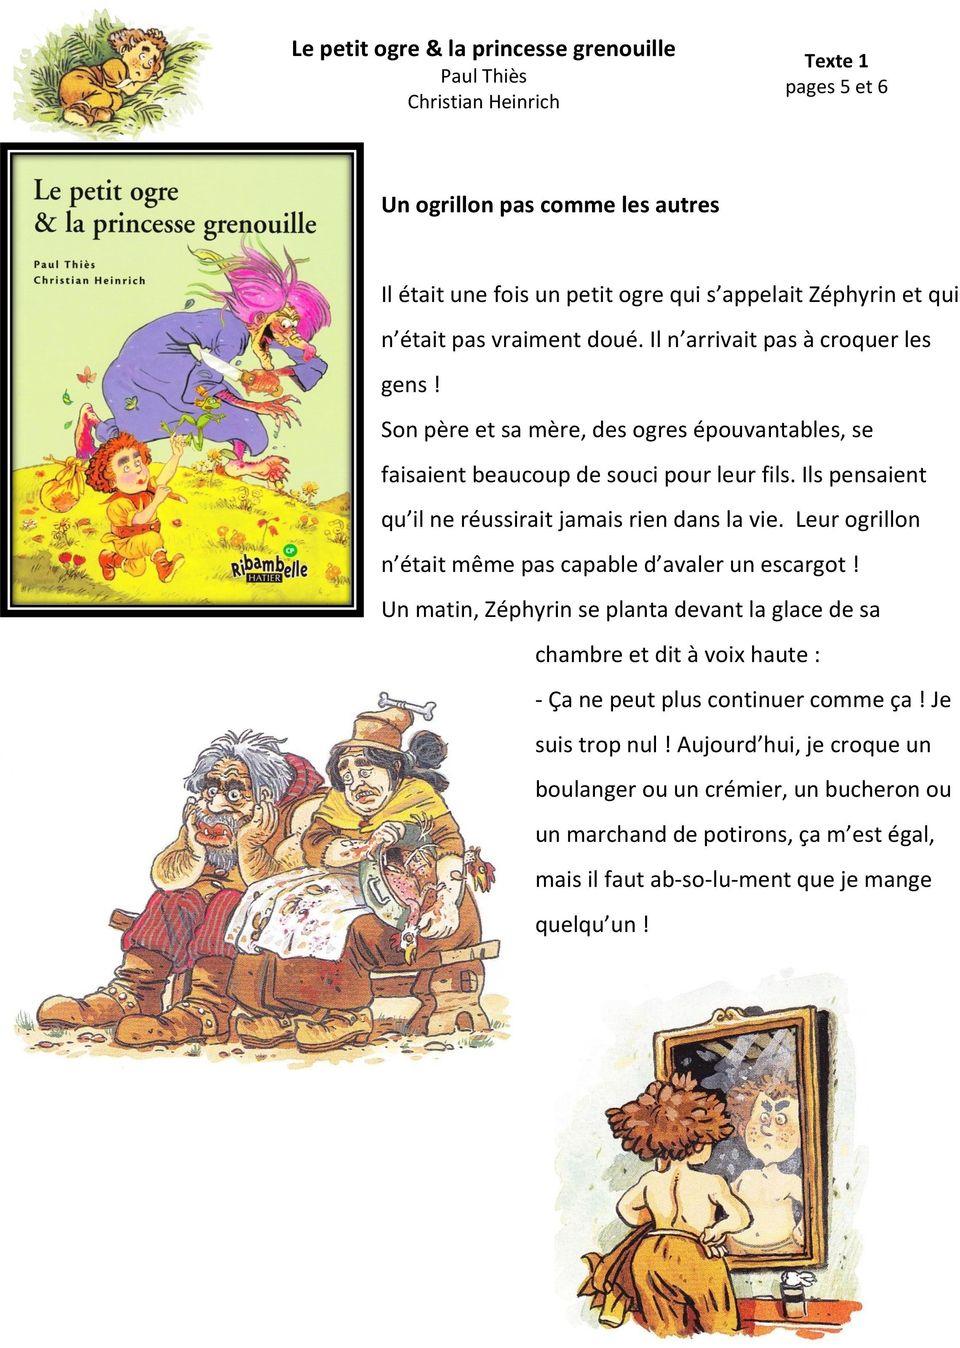 Le Petit Ogre & La Princesse Grenouille Paul Thiès Christian concernant Le Petit Ogre Qui Voulait Apprendre À Lire